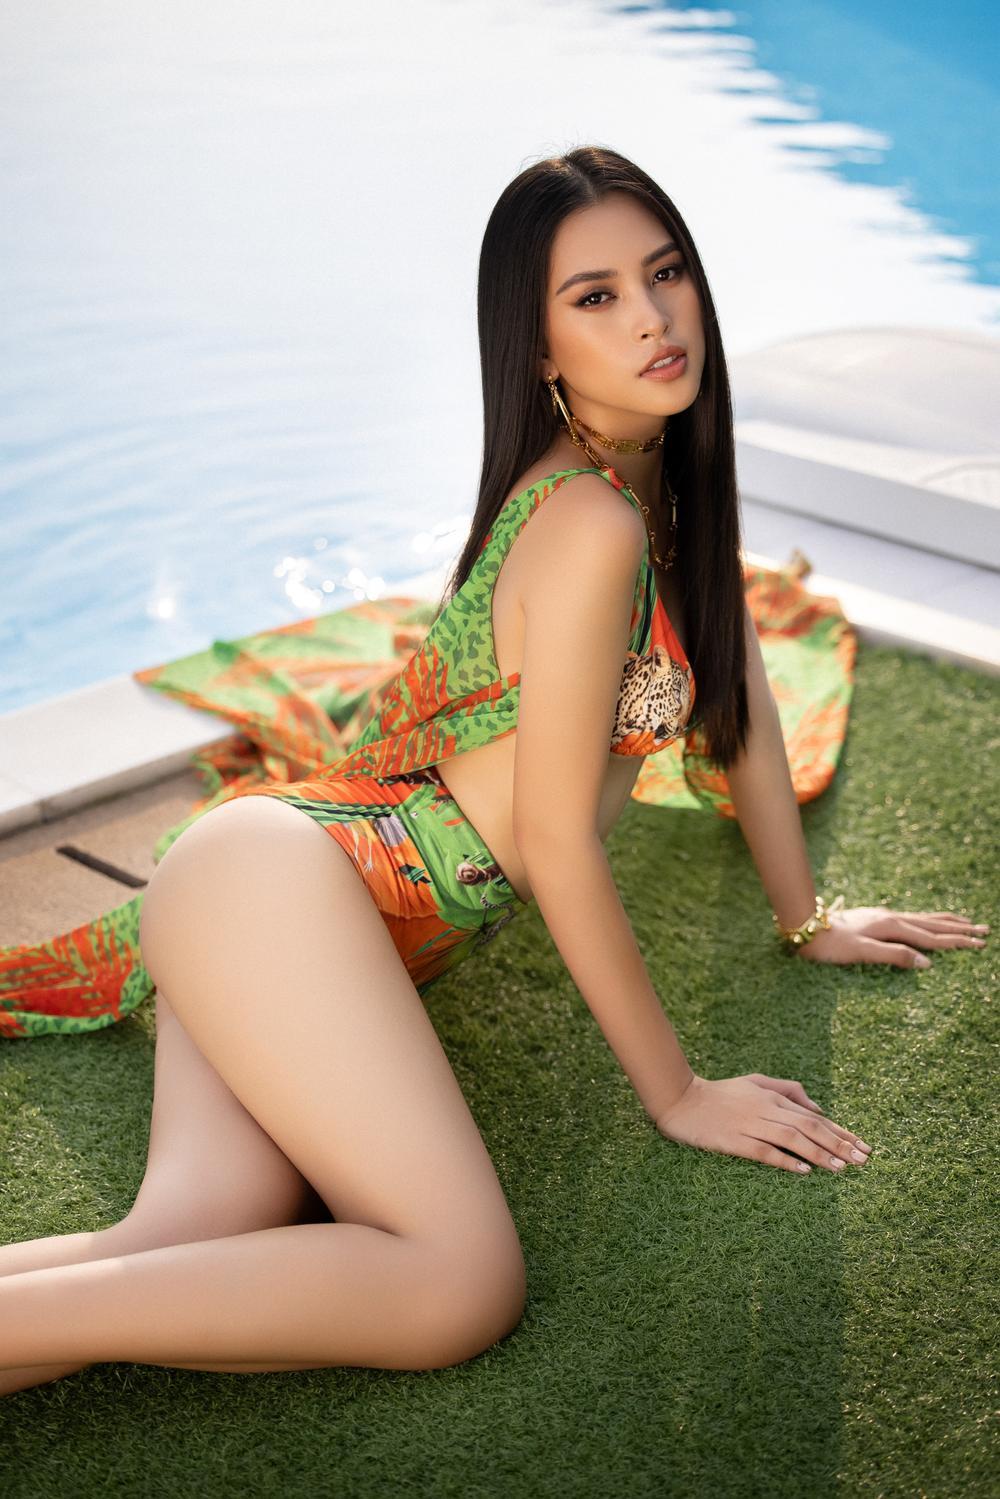 Tiểu Vy - Phương Nga - Thúy An khoe hình thể quyến rũ trước ngày kết thúc nhiệm kỳ Hoa hậu Việt Nam Ảnh 2